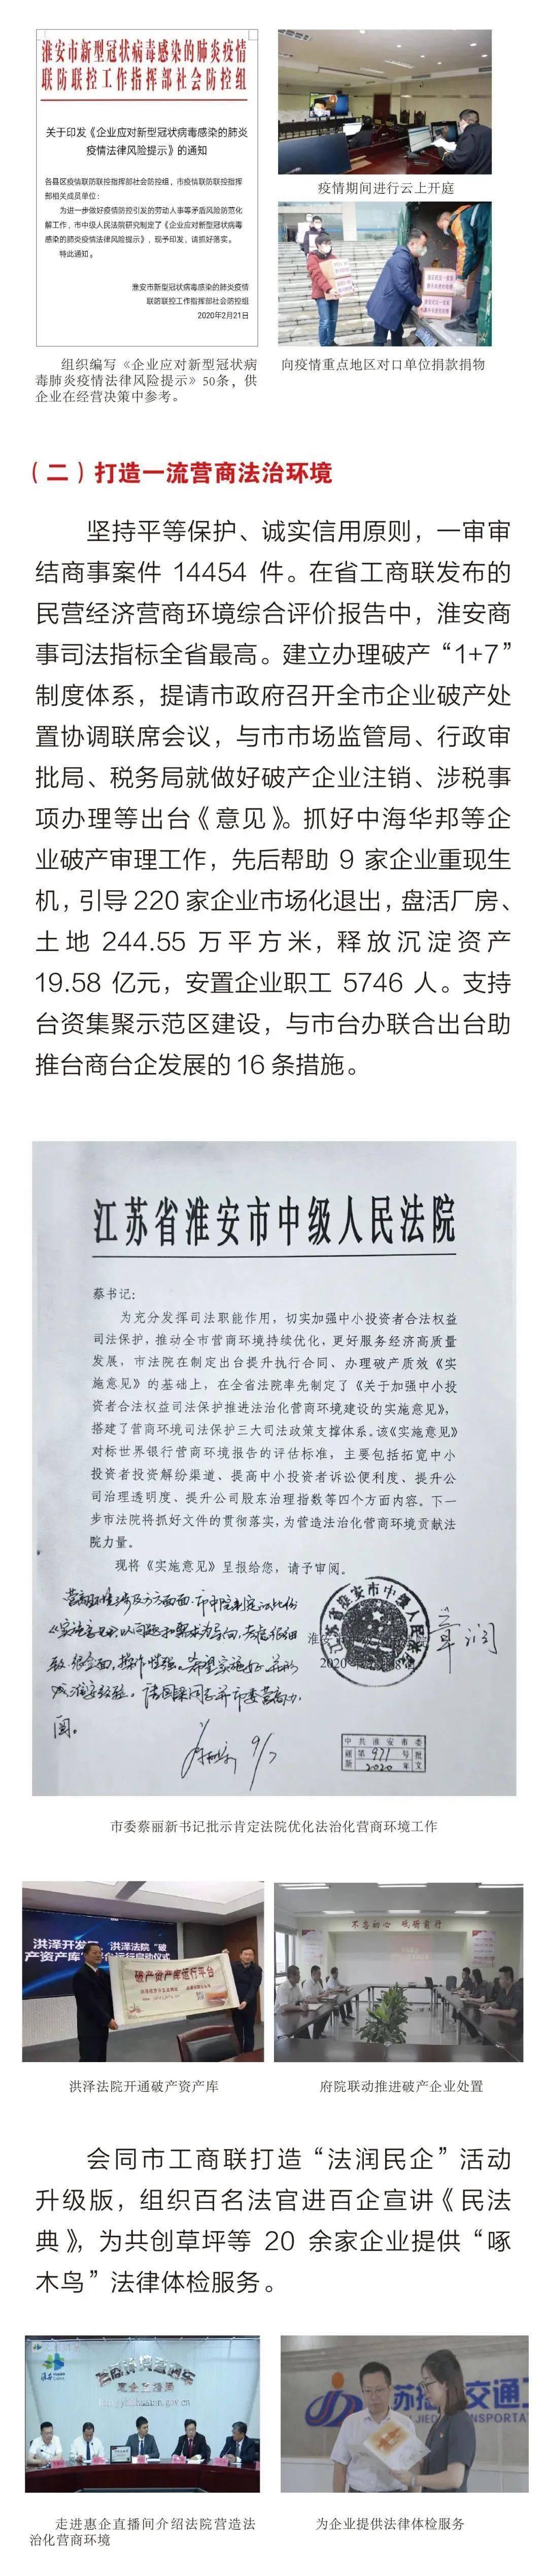 一图读懂!淮安市中级人民法院工作报告!